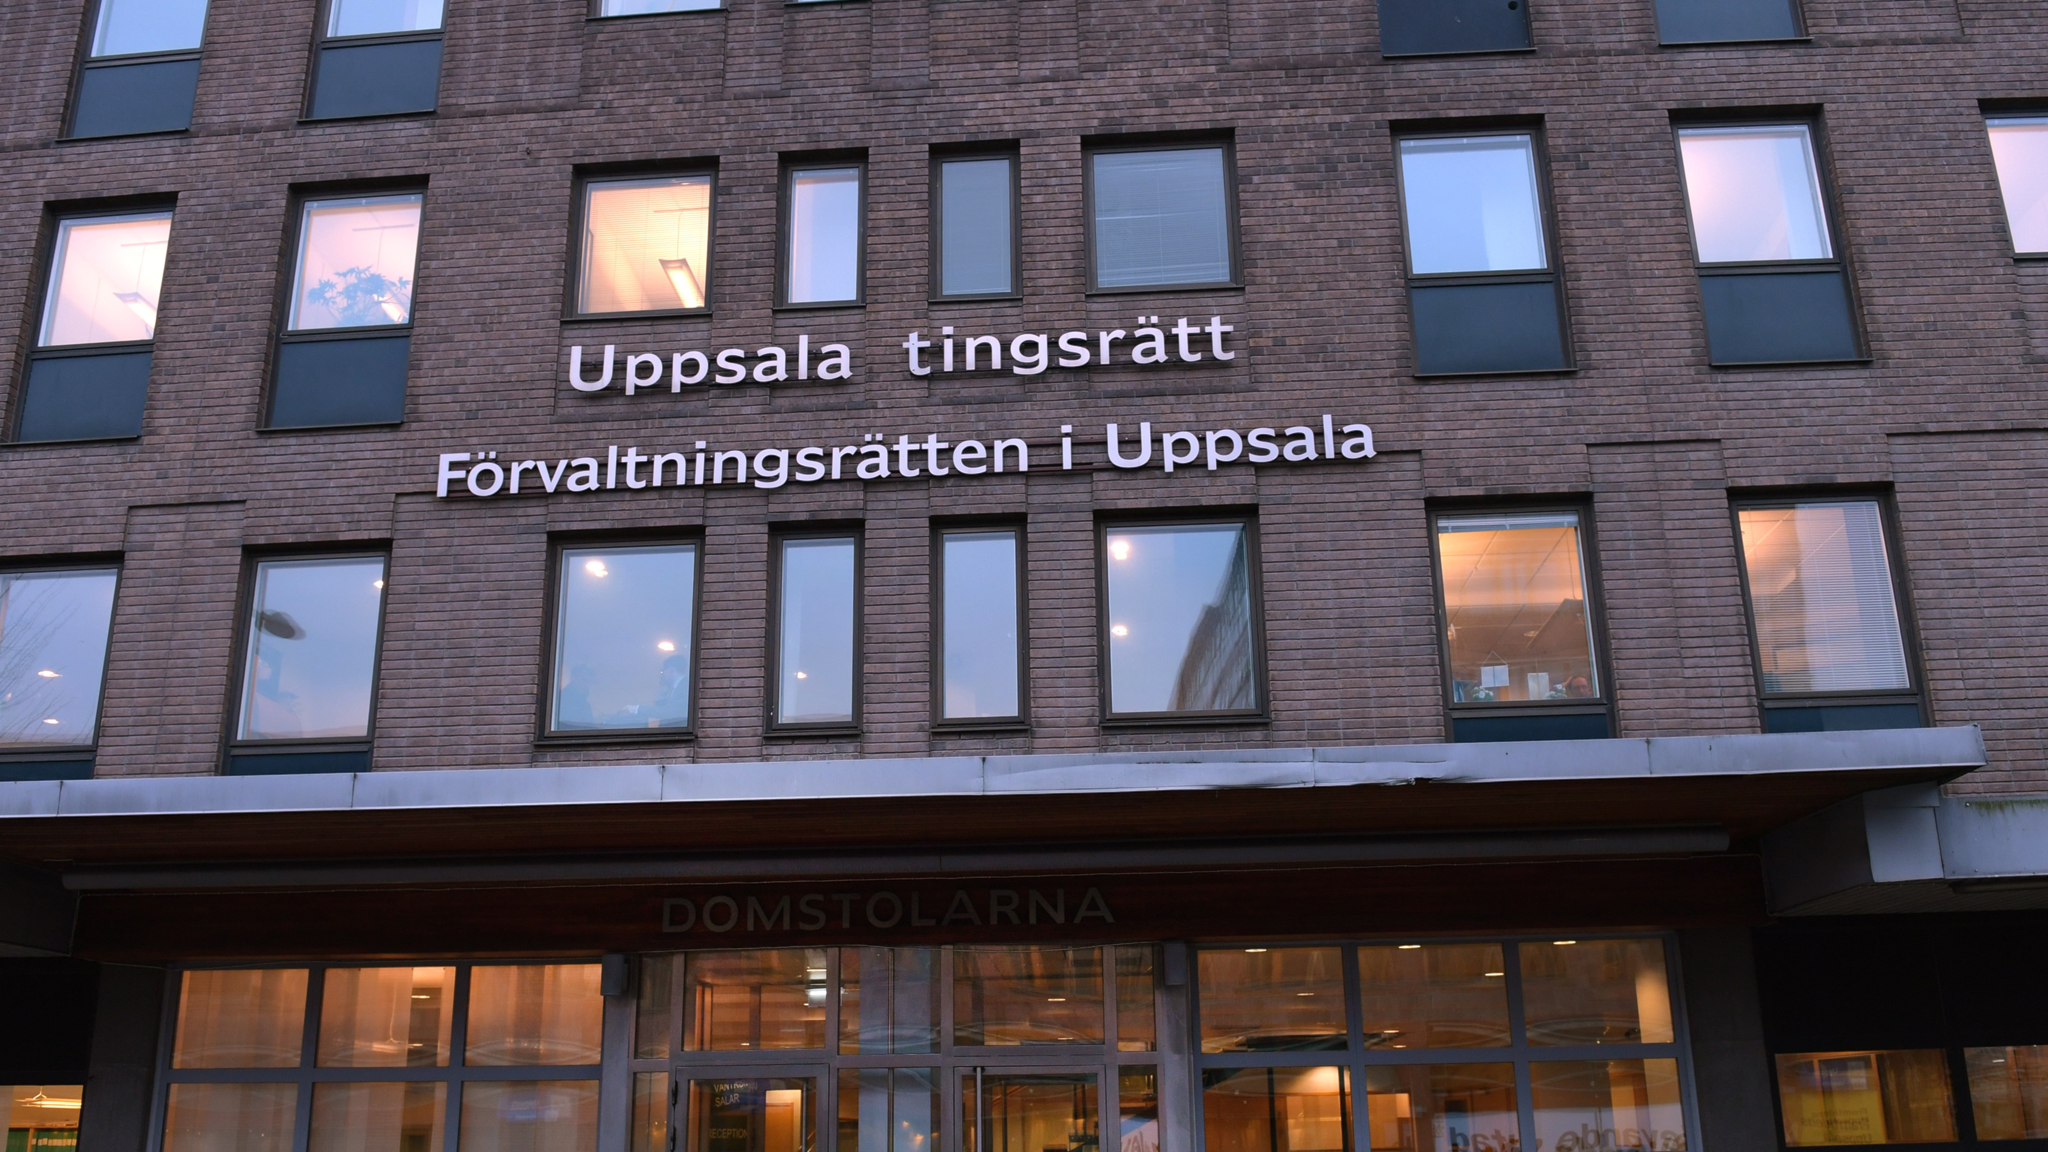 Det omtalade våldtäktsmålet kommer avgöras i Uppsala tingsrätt med start den 31 augusti.